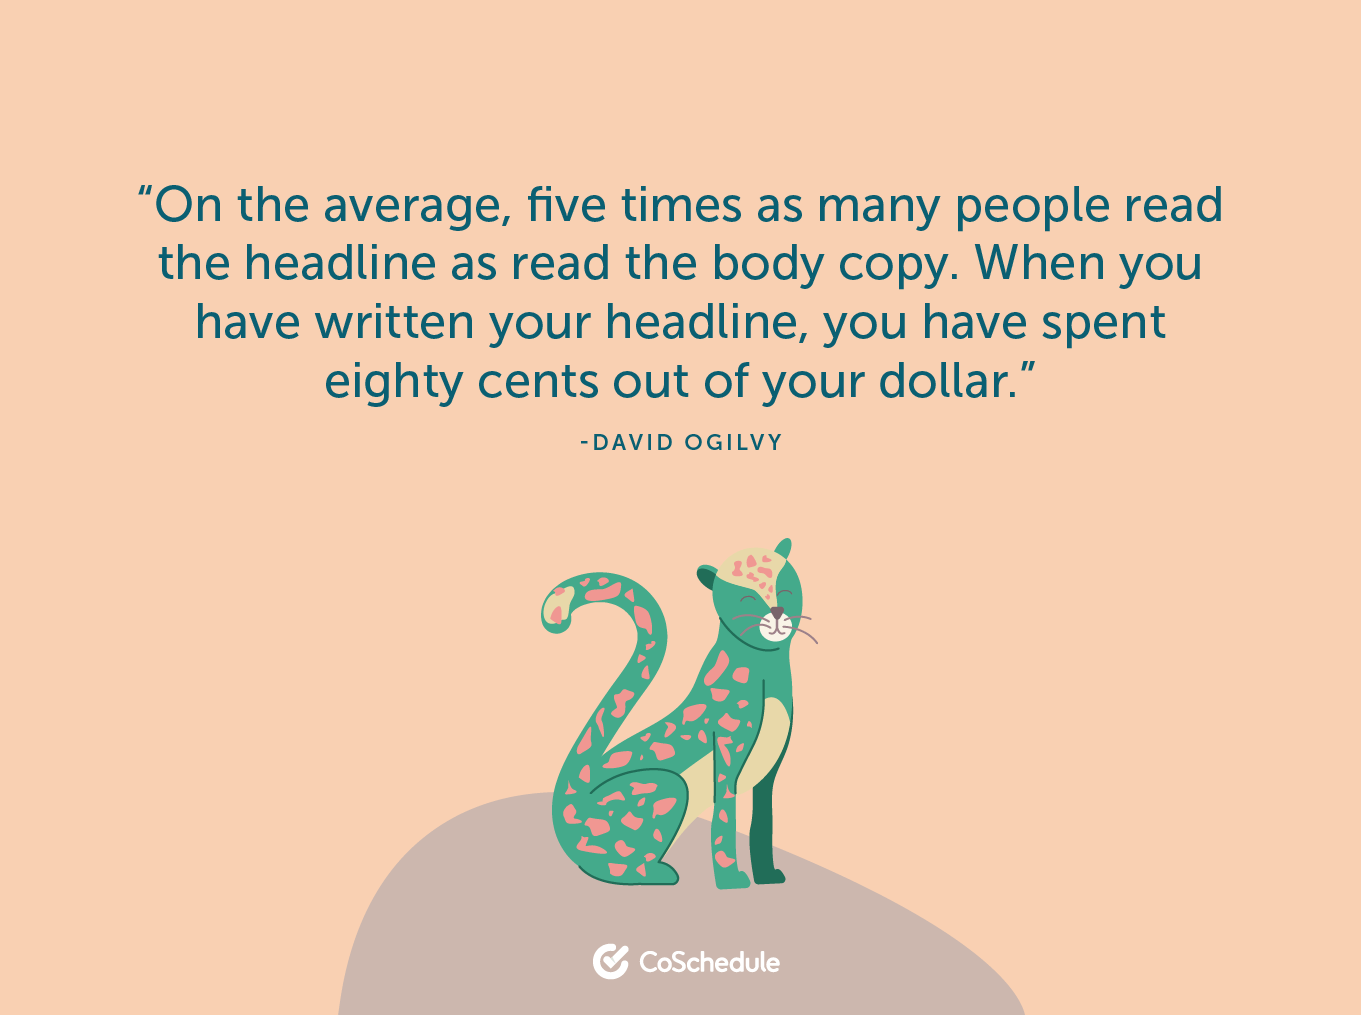 Ogilvy quote on unique content